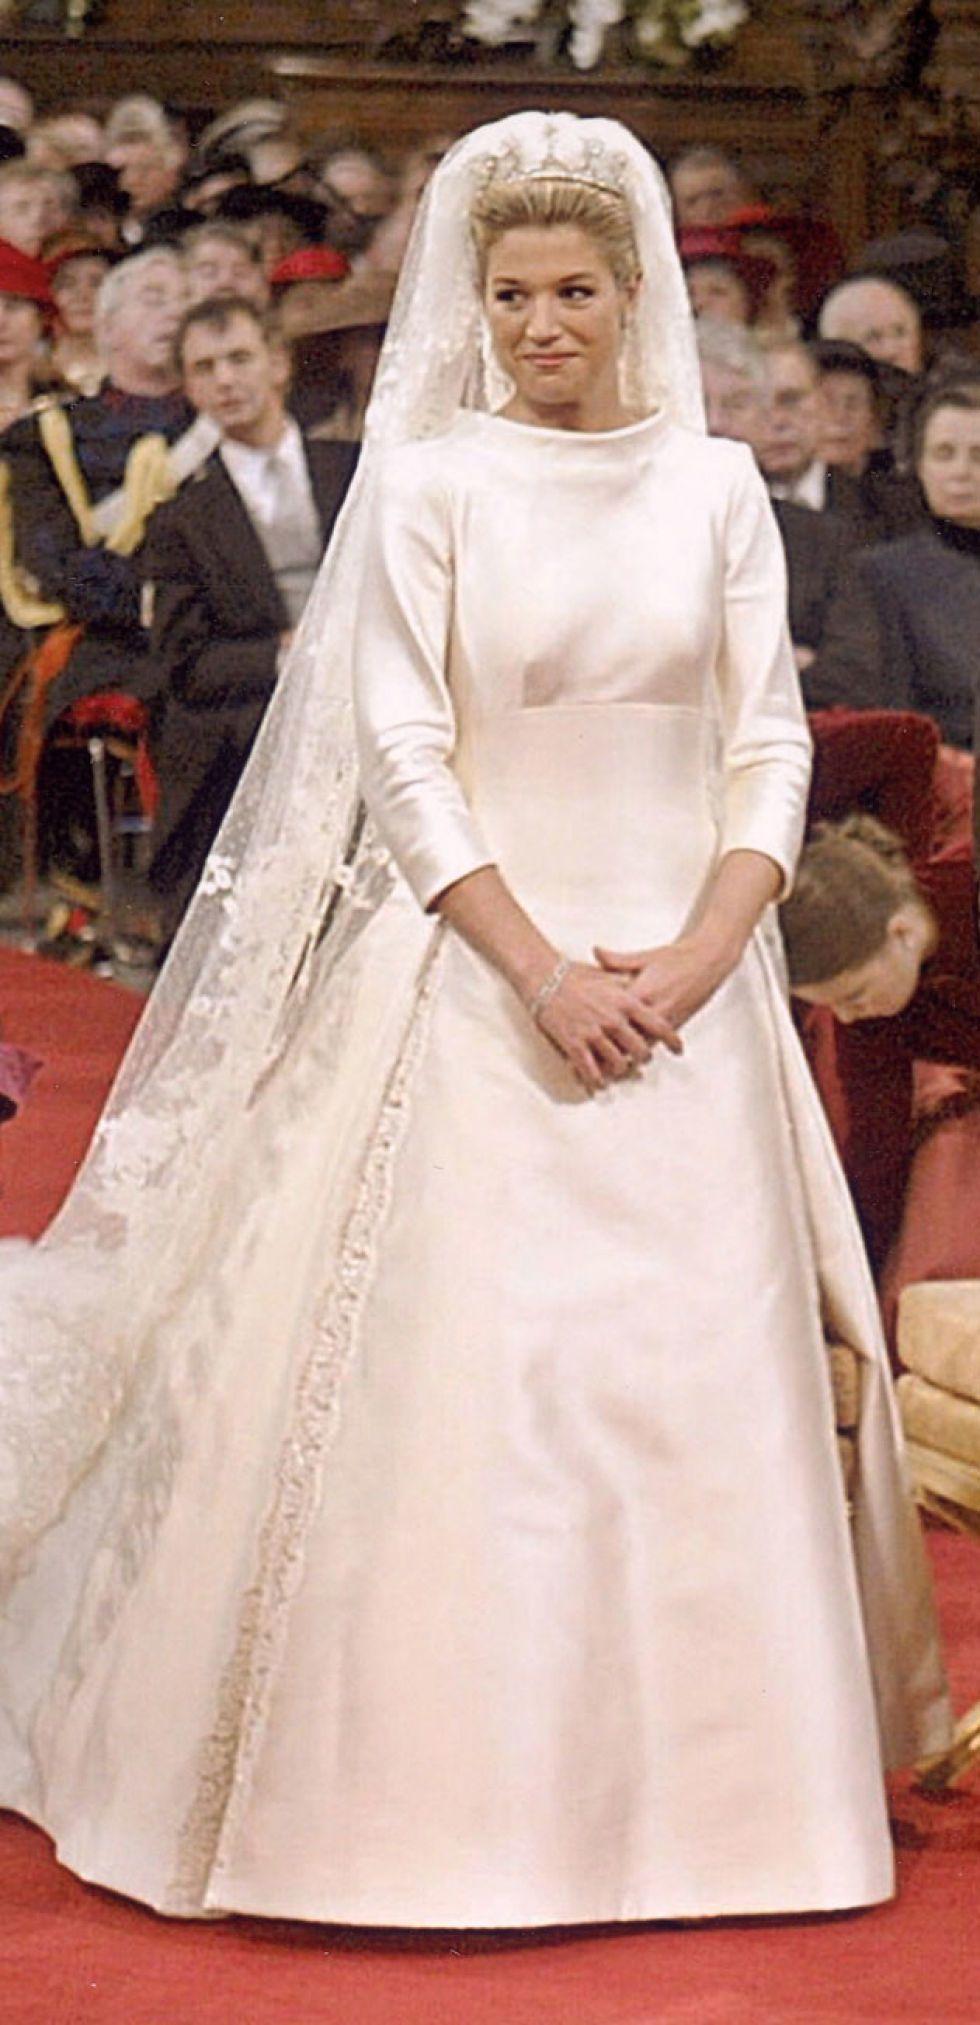 Royal wedding dress  Su vestido de novia  DGeisi  Pinterest  Royal weddings and Royals